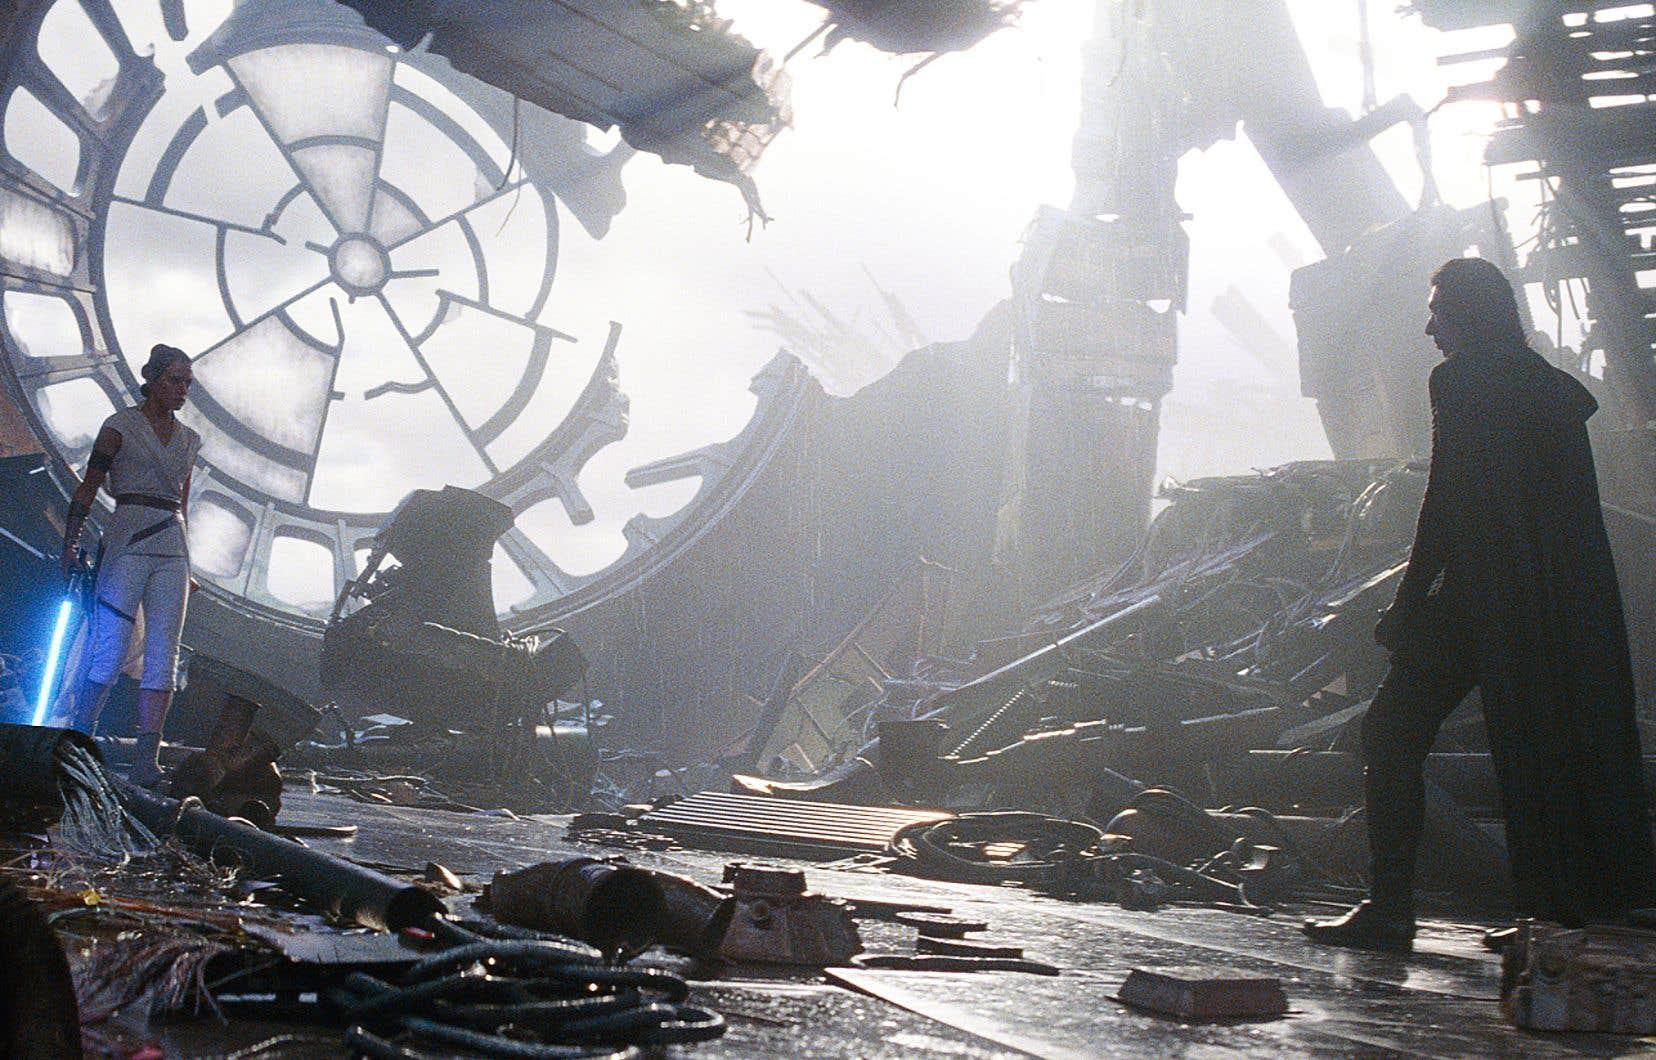 Parmi un florilège de séquences saisissantes dans «L'ascension de Skywalker»: ce duel entre Rey et Kylo dans les vestiges de l'Étoile de la mort sur fond de mer fâchée